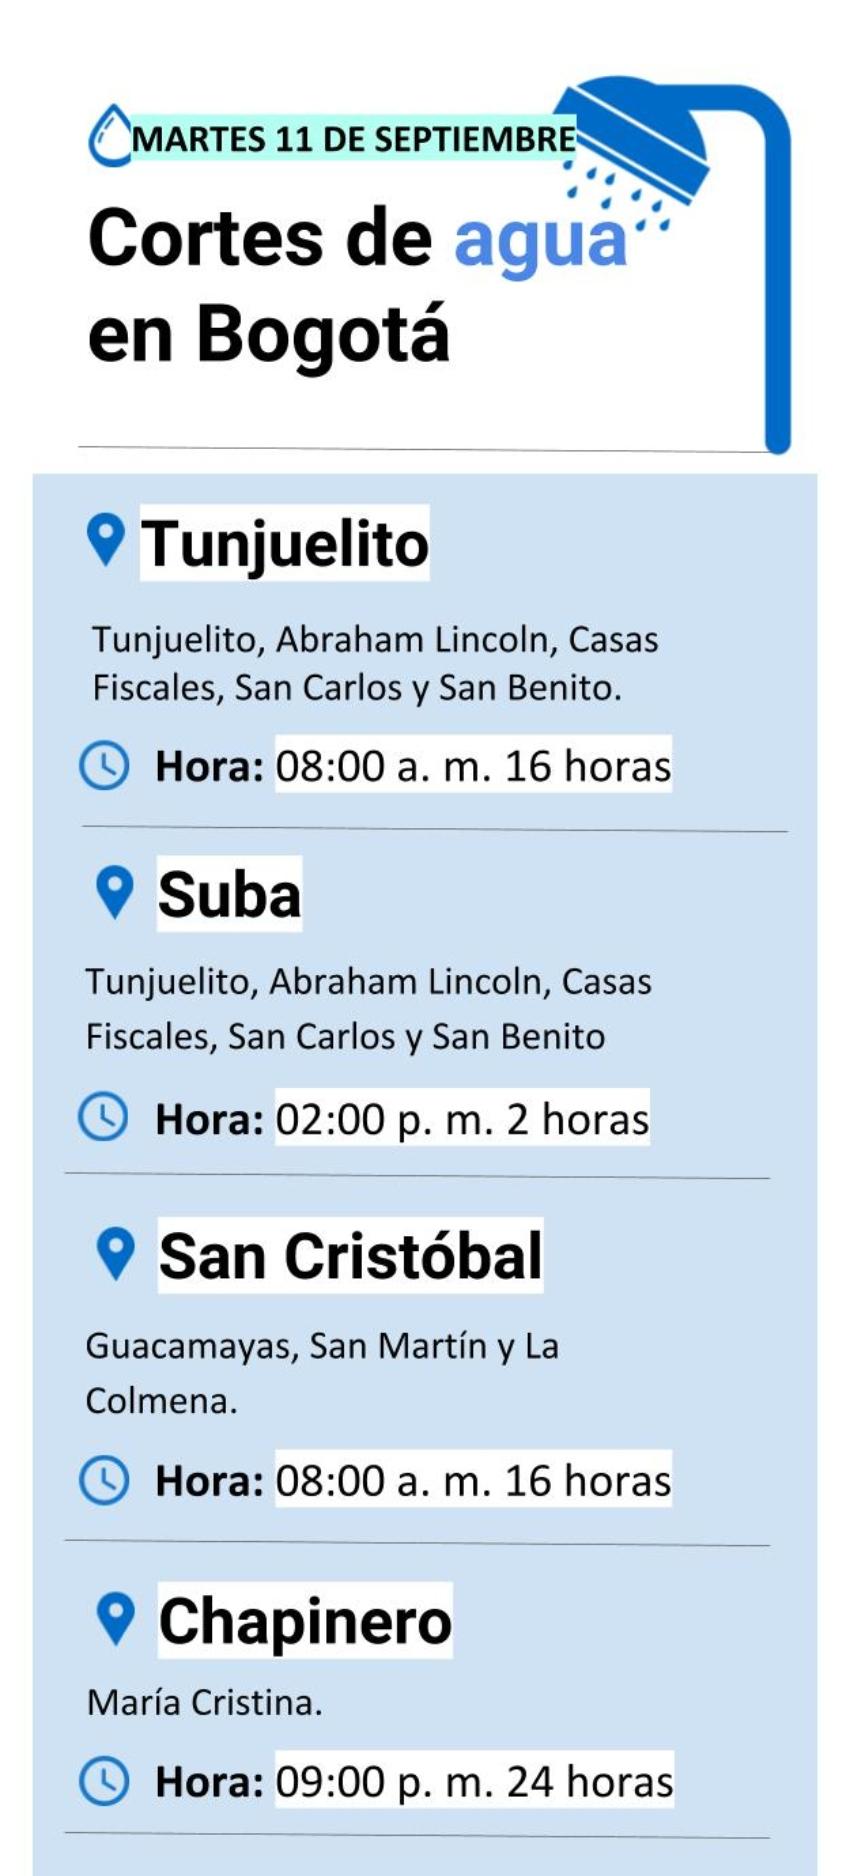 Cortes de agua en Bogotá 11 de septiembre